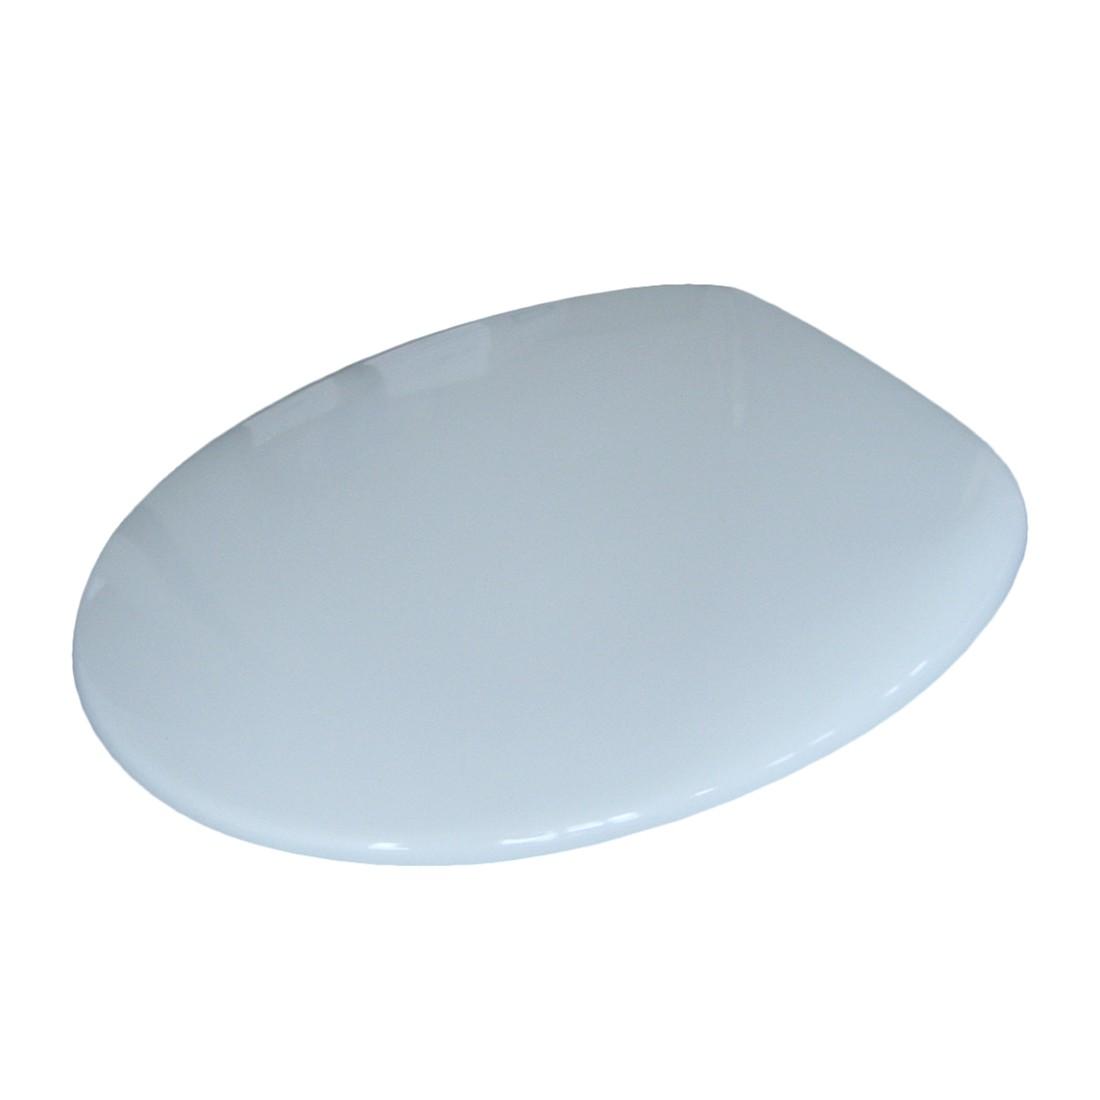 WC-Sitz Deckel – Kunststoff Weiß 1757, VCM günstig kaufen